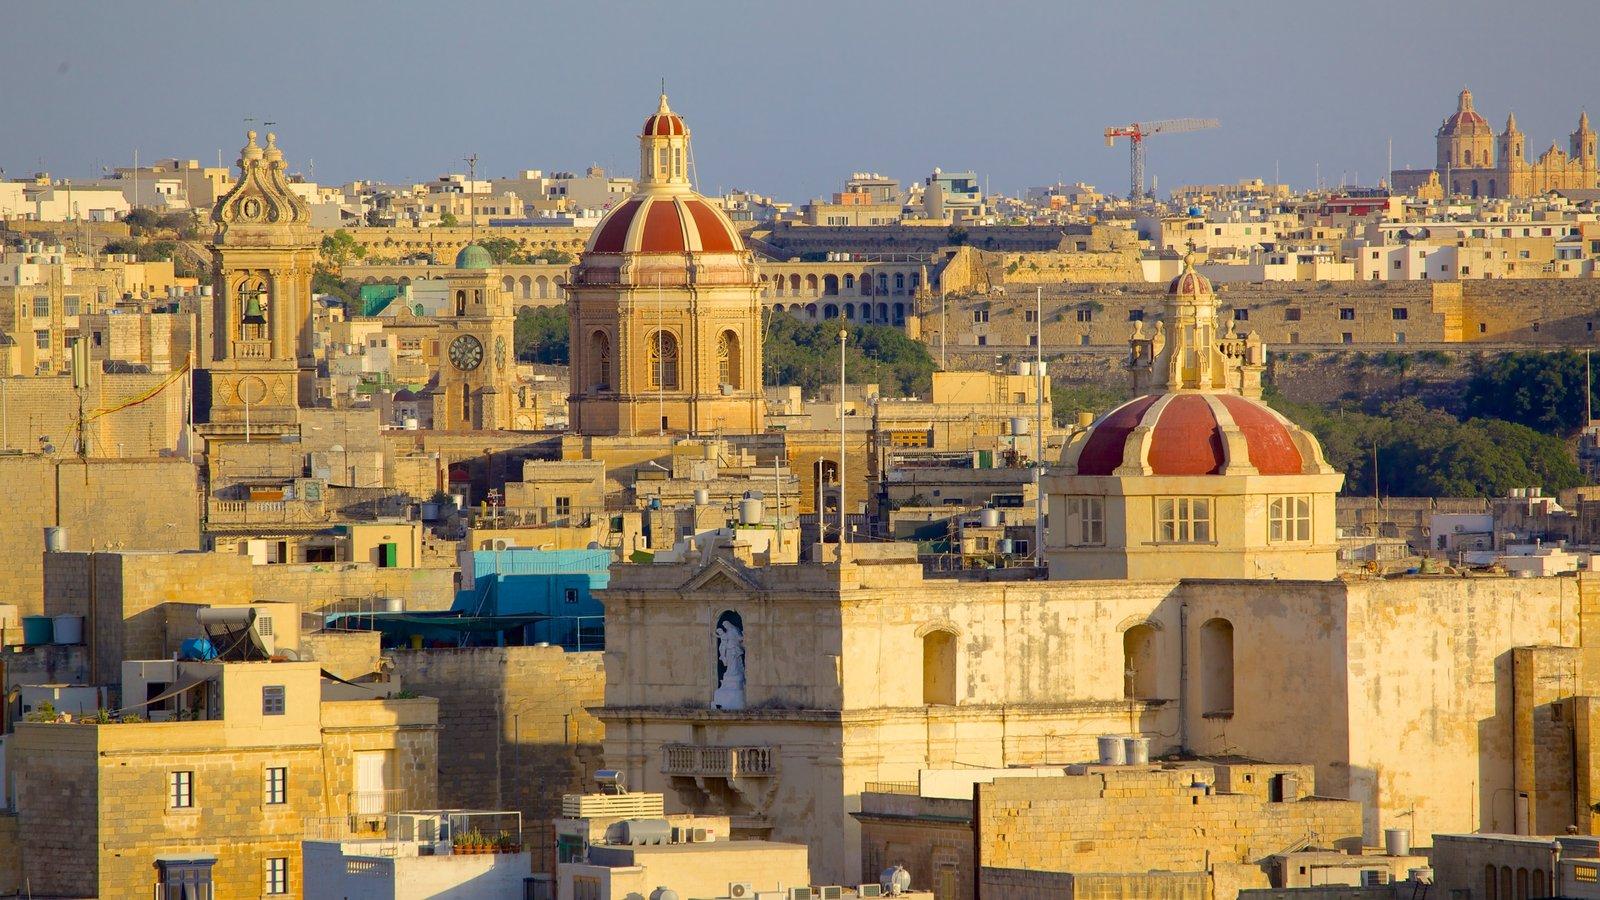 La Valeta ofreciendo una puesta de sol, una ciudad y patrimonio de arquitectura